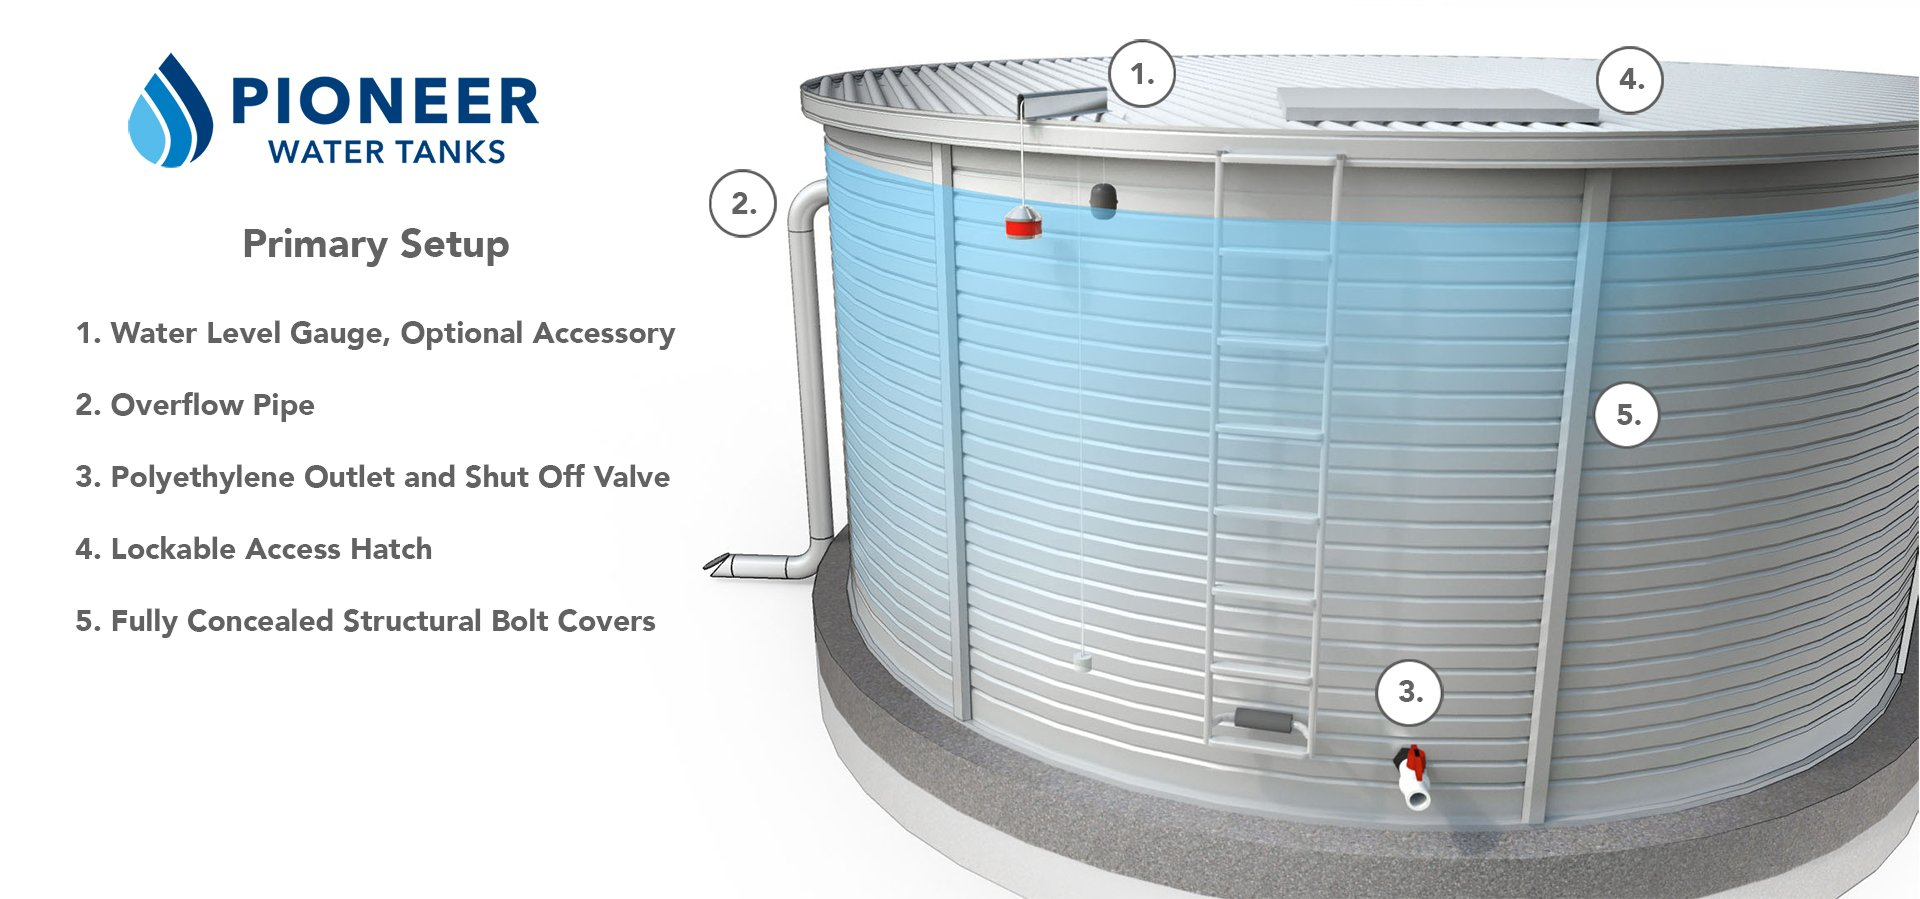 Pioneer Water Tanks America primary setup